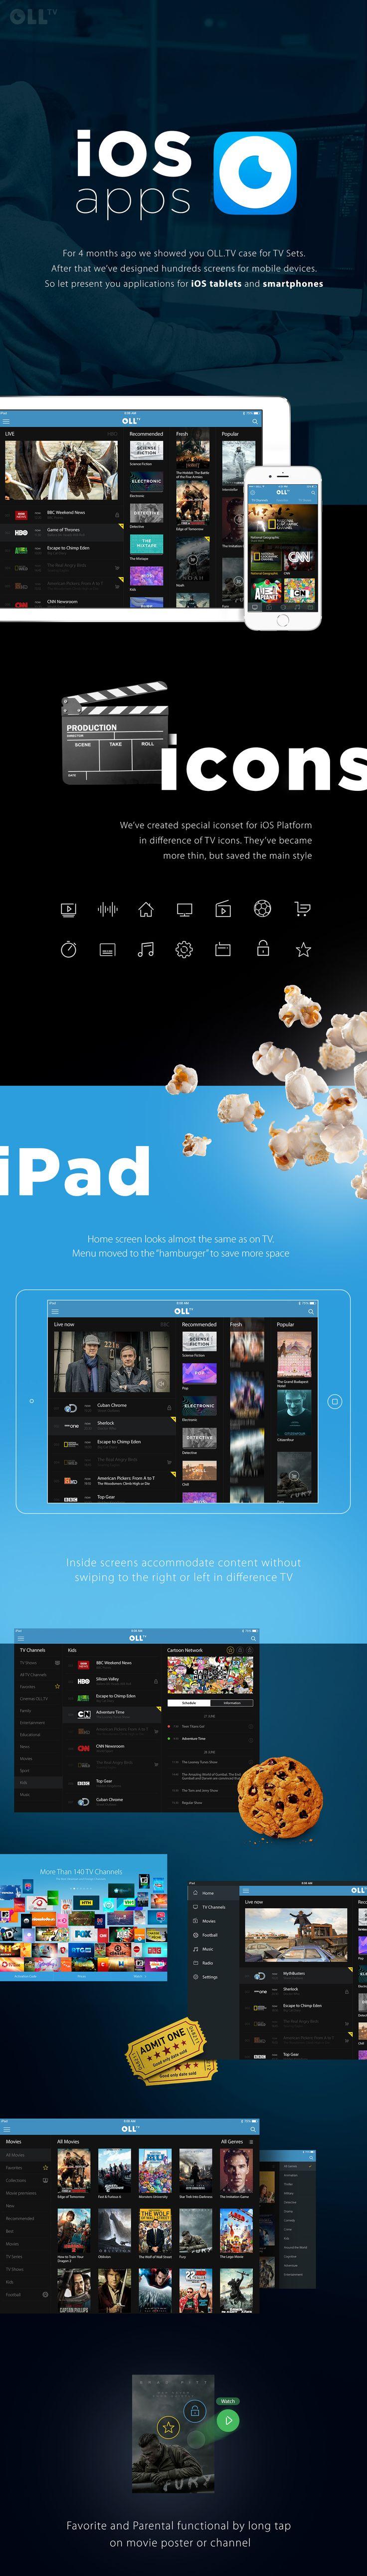 OLLTV for iOS on Behance